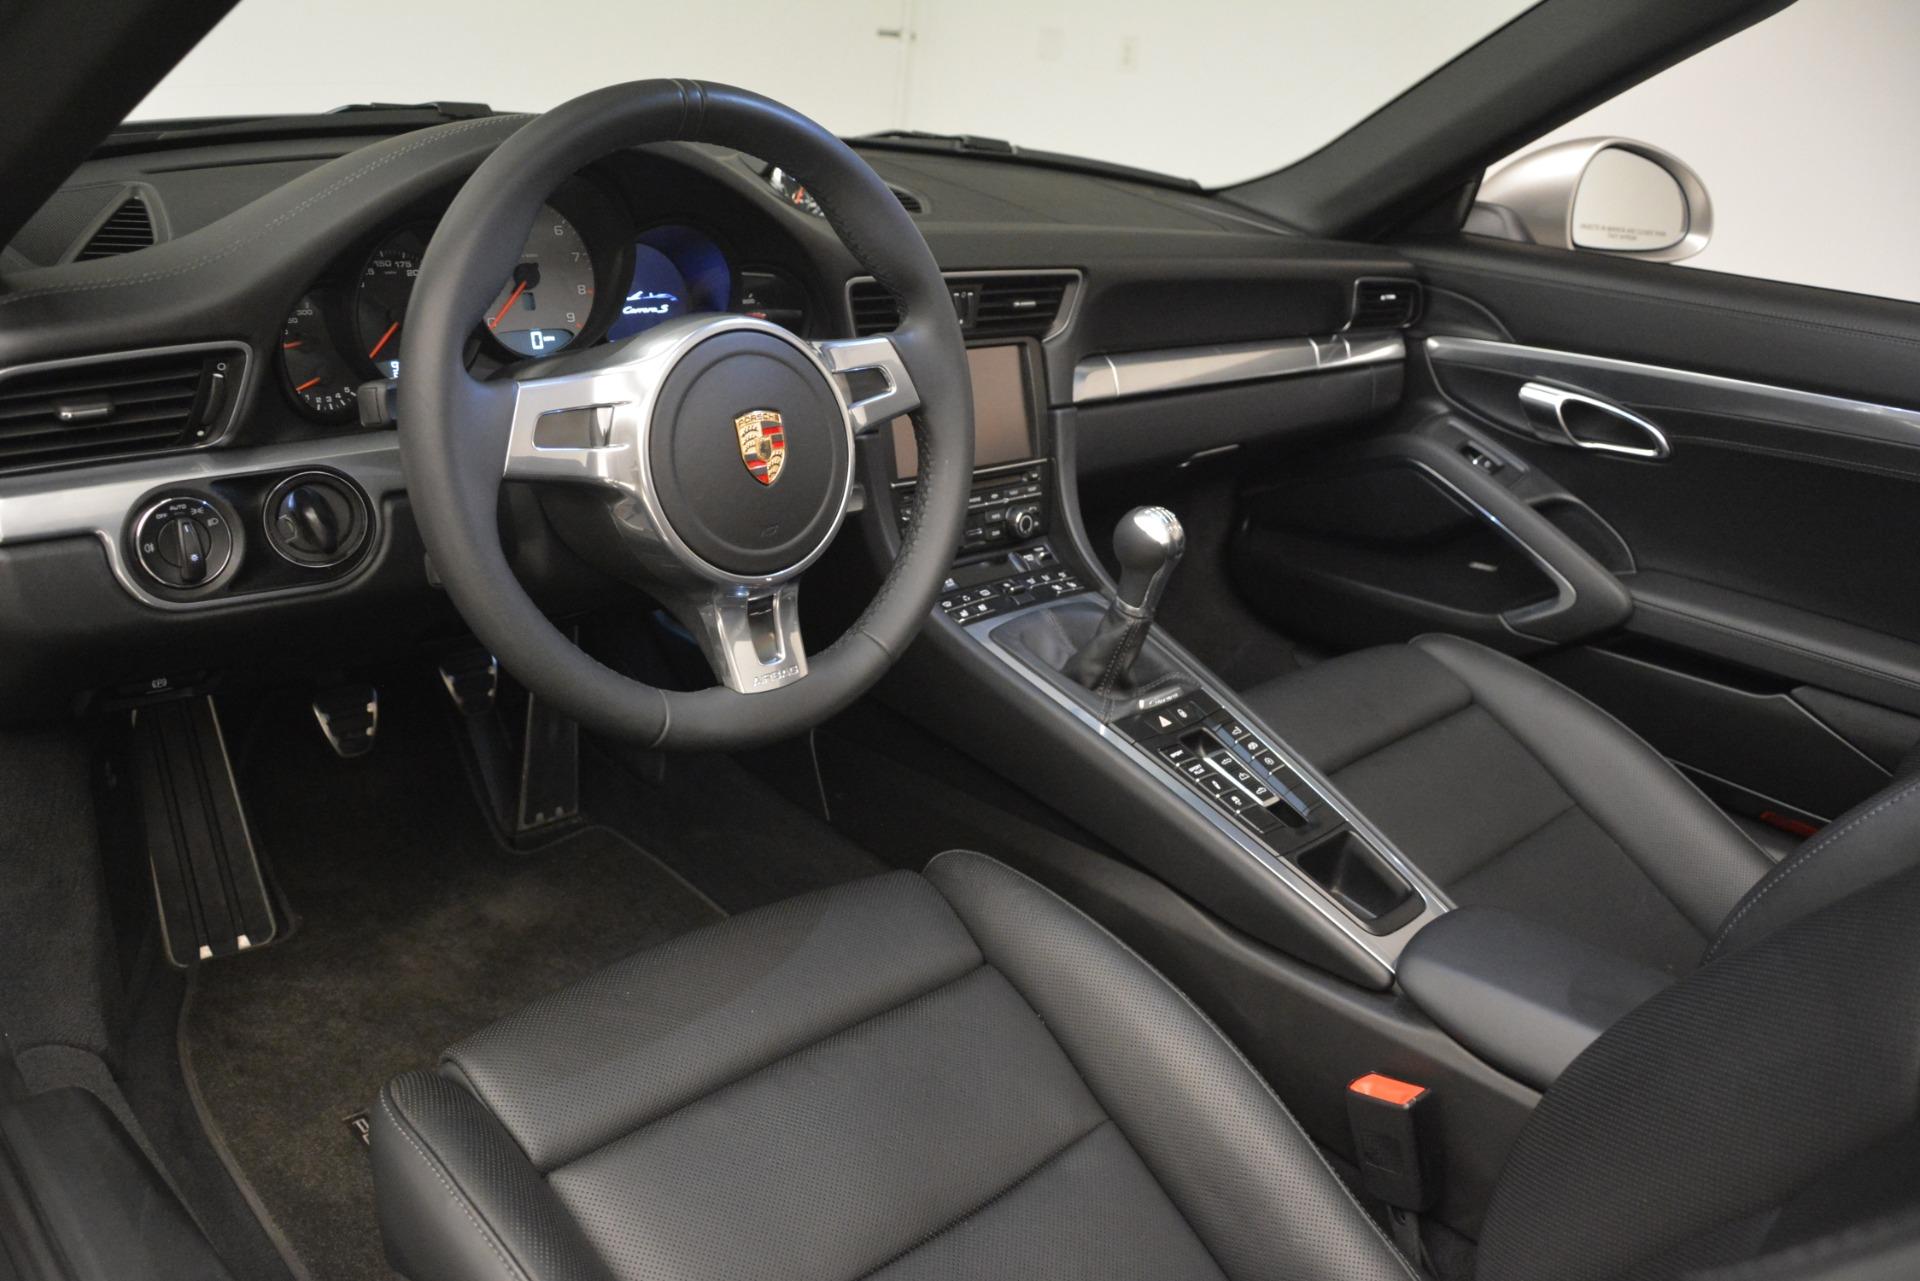 Used 2013 Porsche 911 Carrera S For Sale In Greenwich, CT 3107_p19